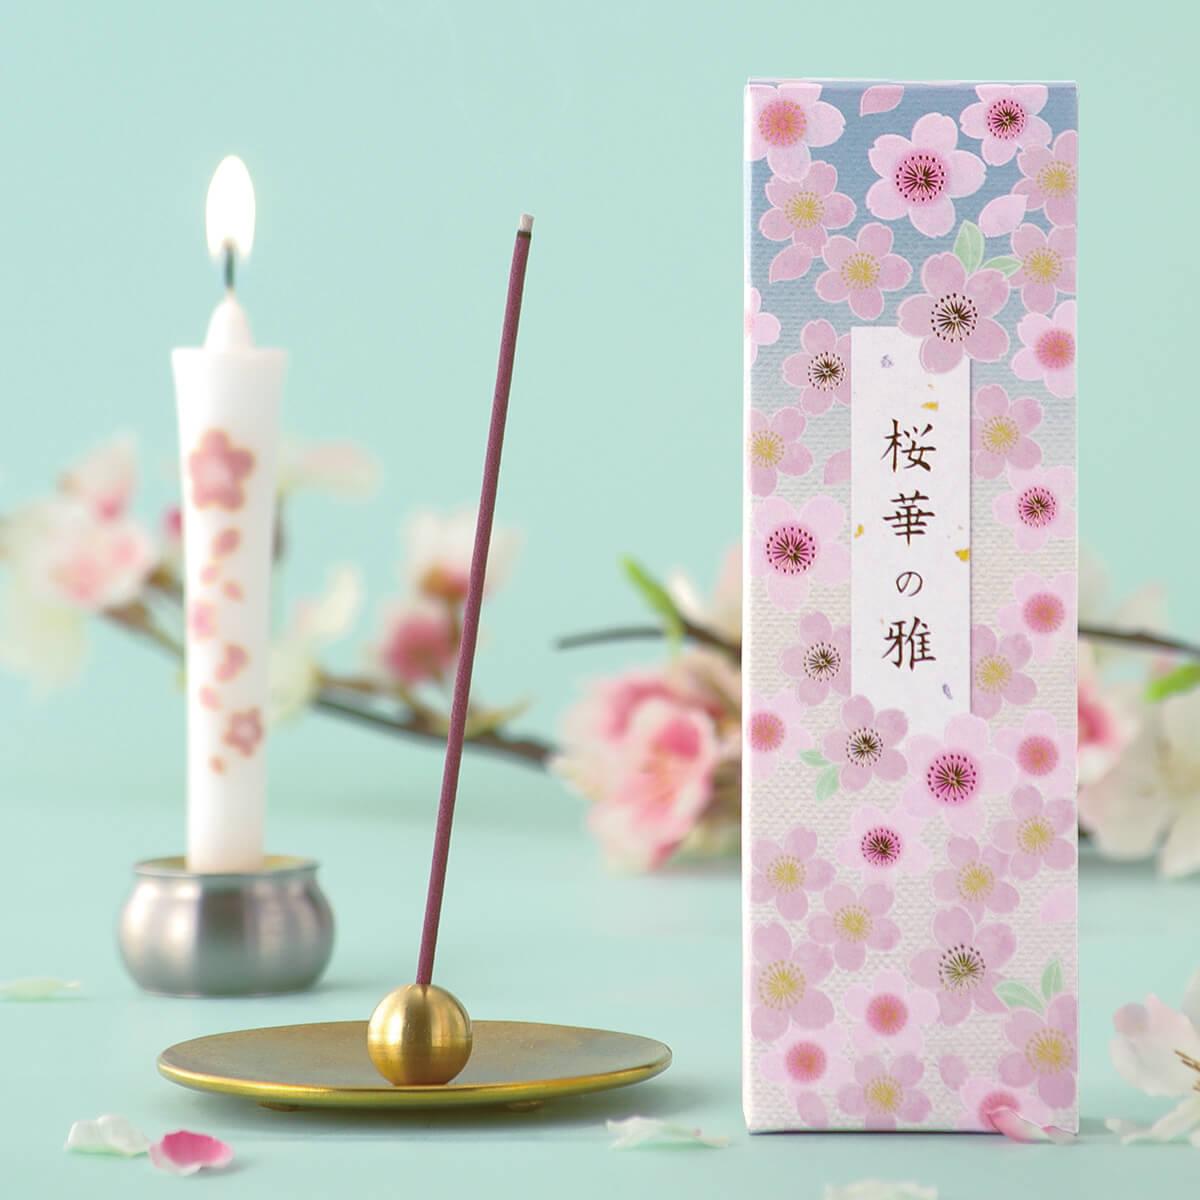 お気高く咲きほこる桜と、大切な方への想いを重ねた美しい進物です